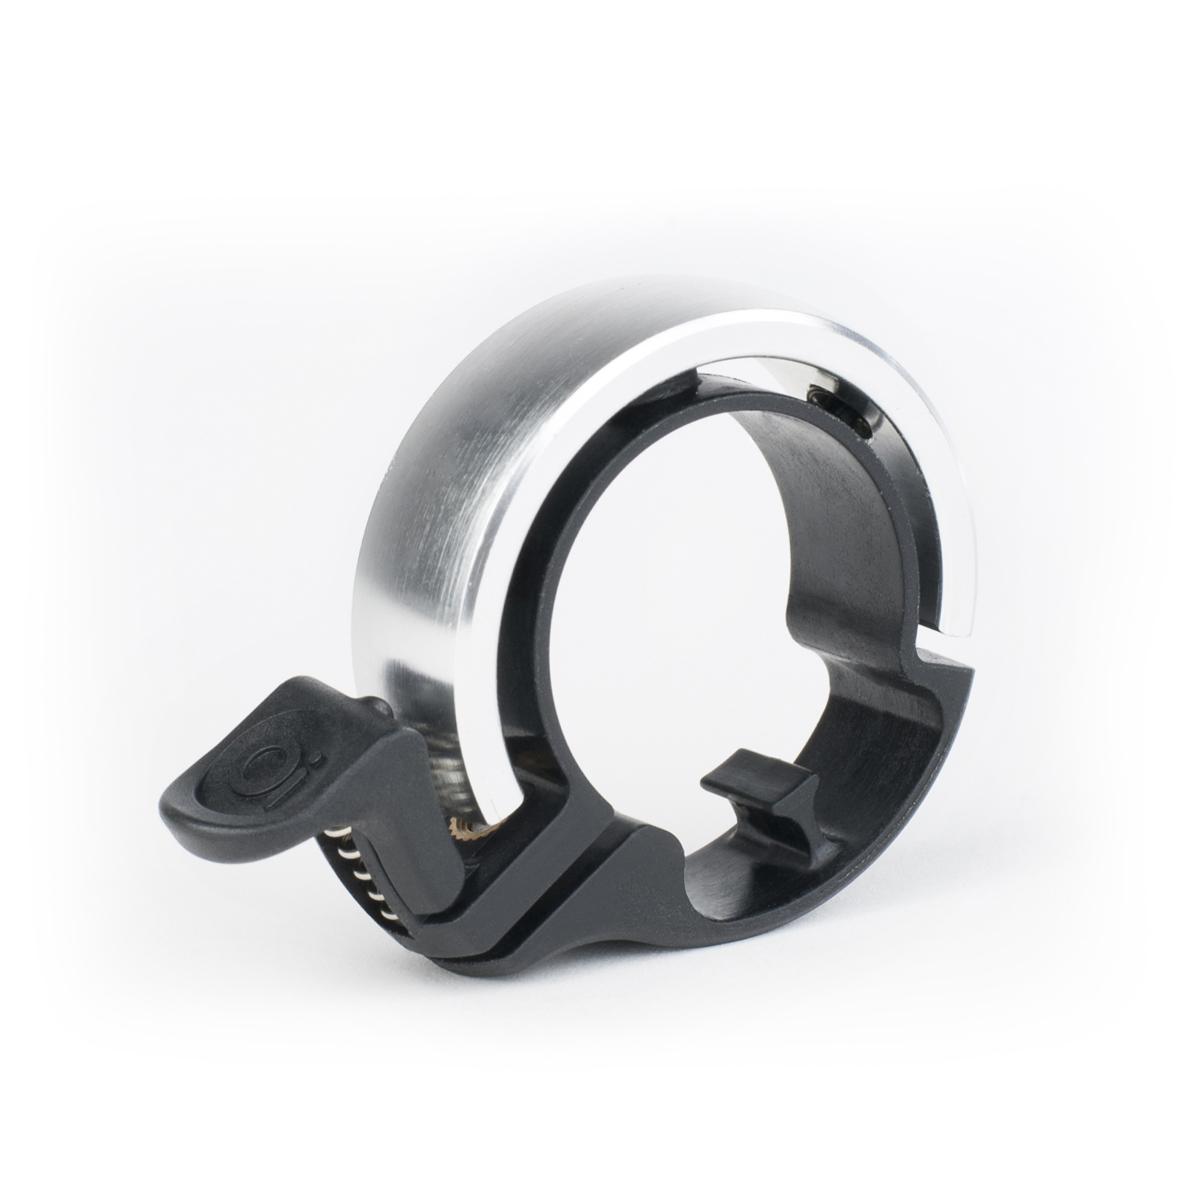 Ringklokke Knog Oi Classic Large ø31,8 - sølv - KN11981   Bells